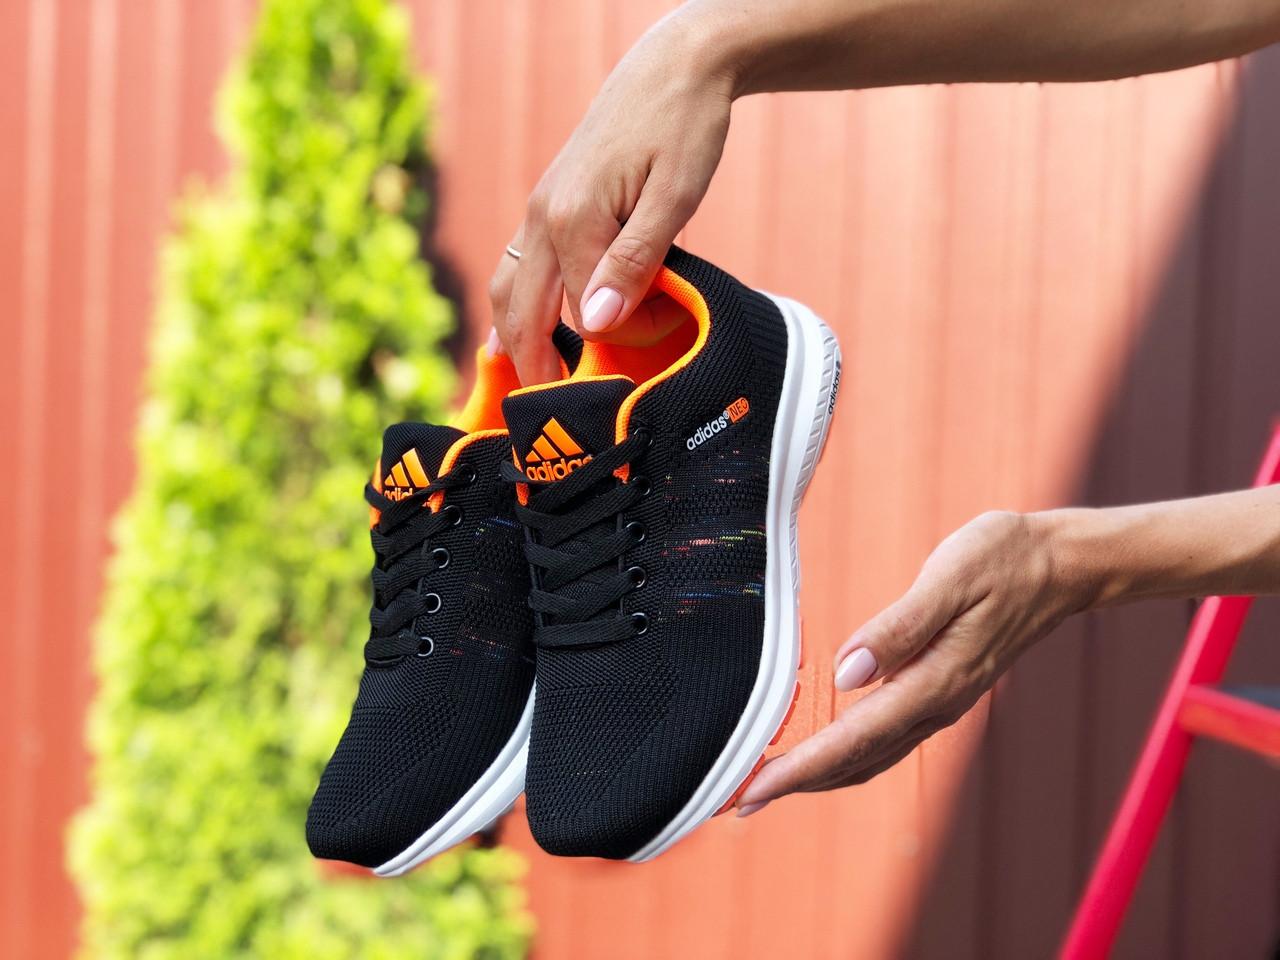 Женские кроссовки Adidas Neo черные. Модные кроссовки женские черного цвета.